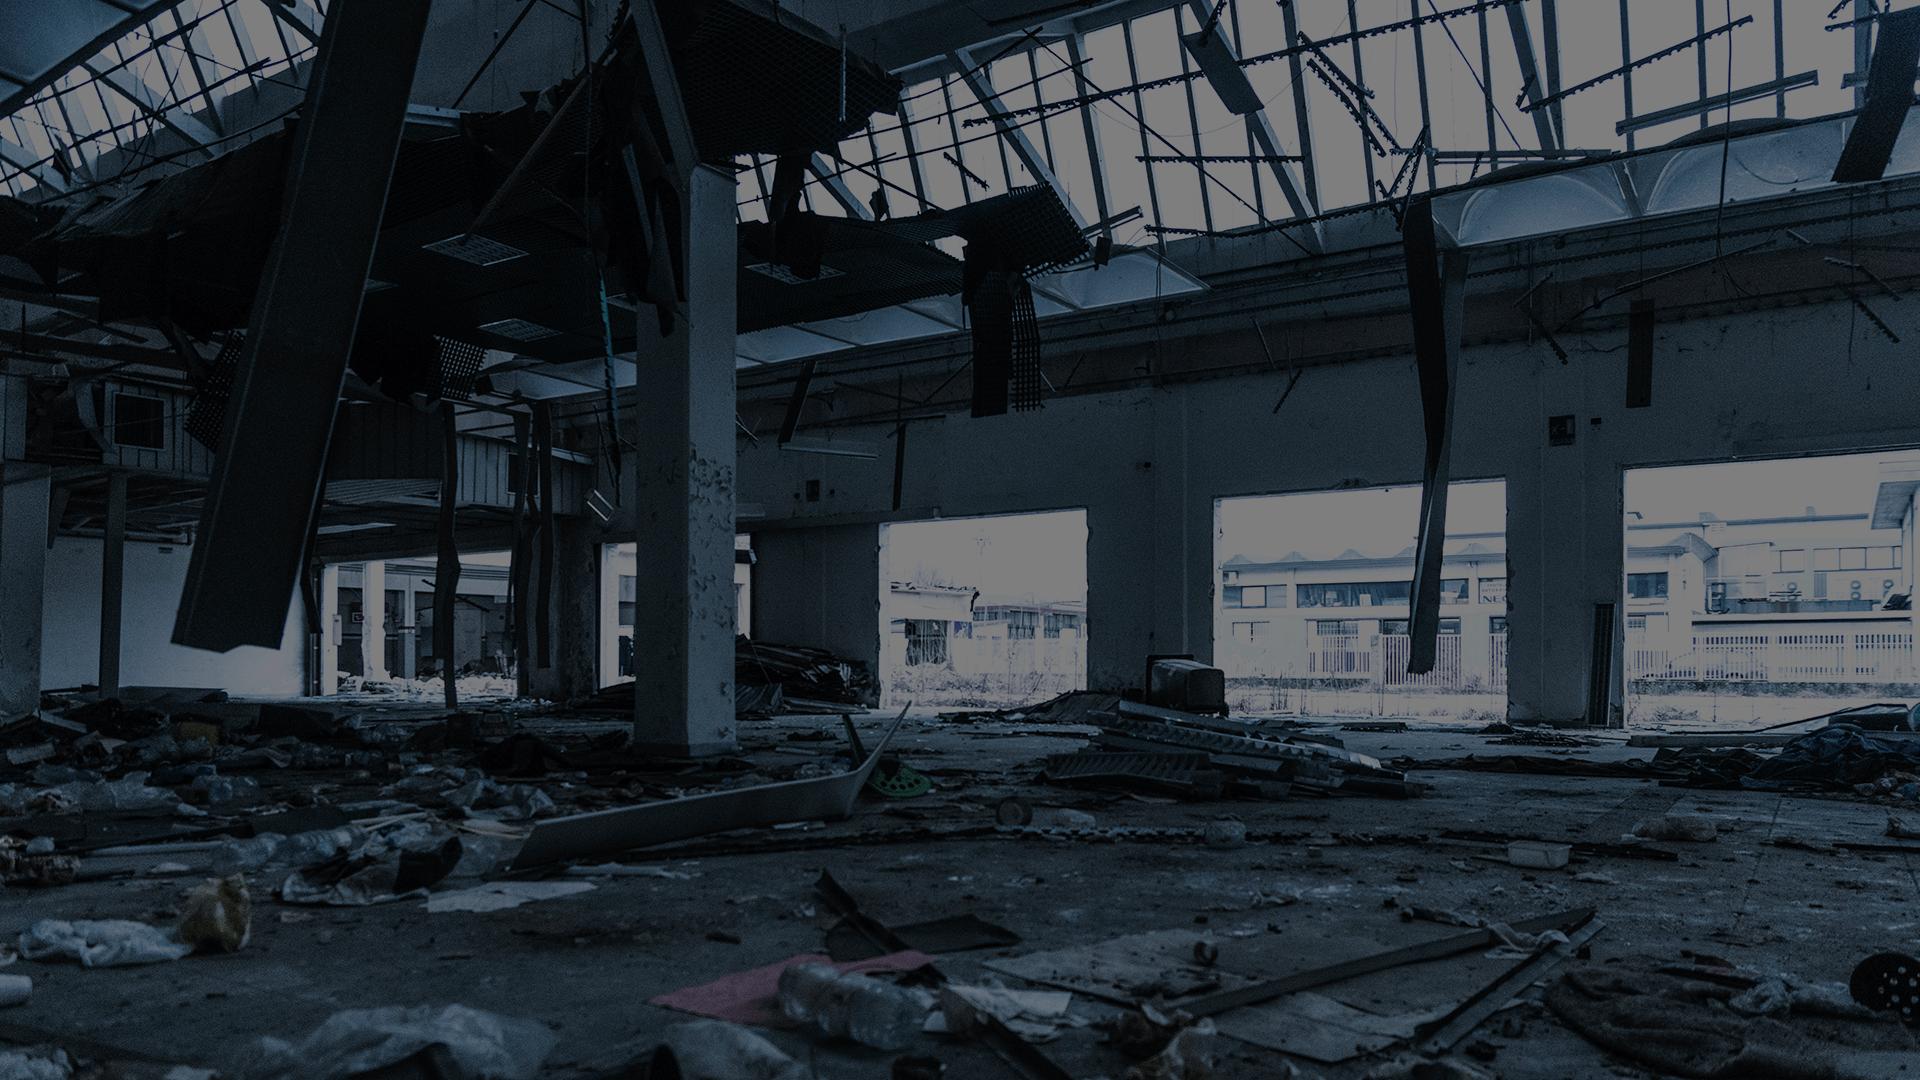 abandoned-building-broken